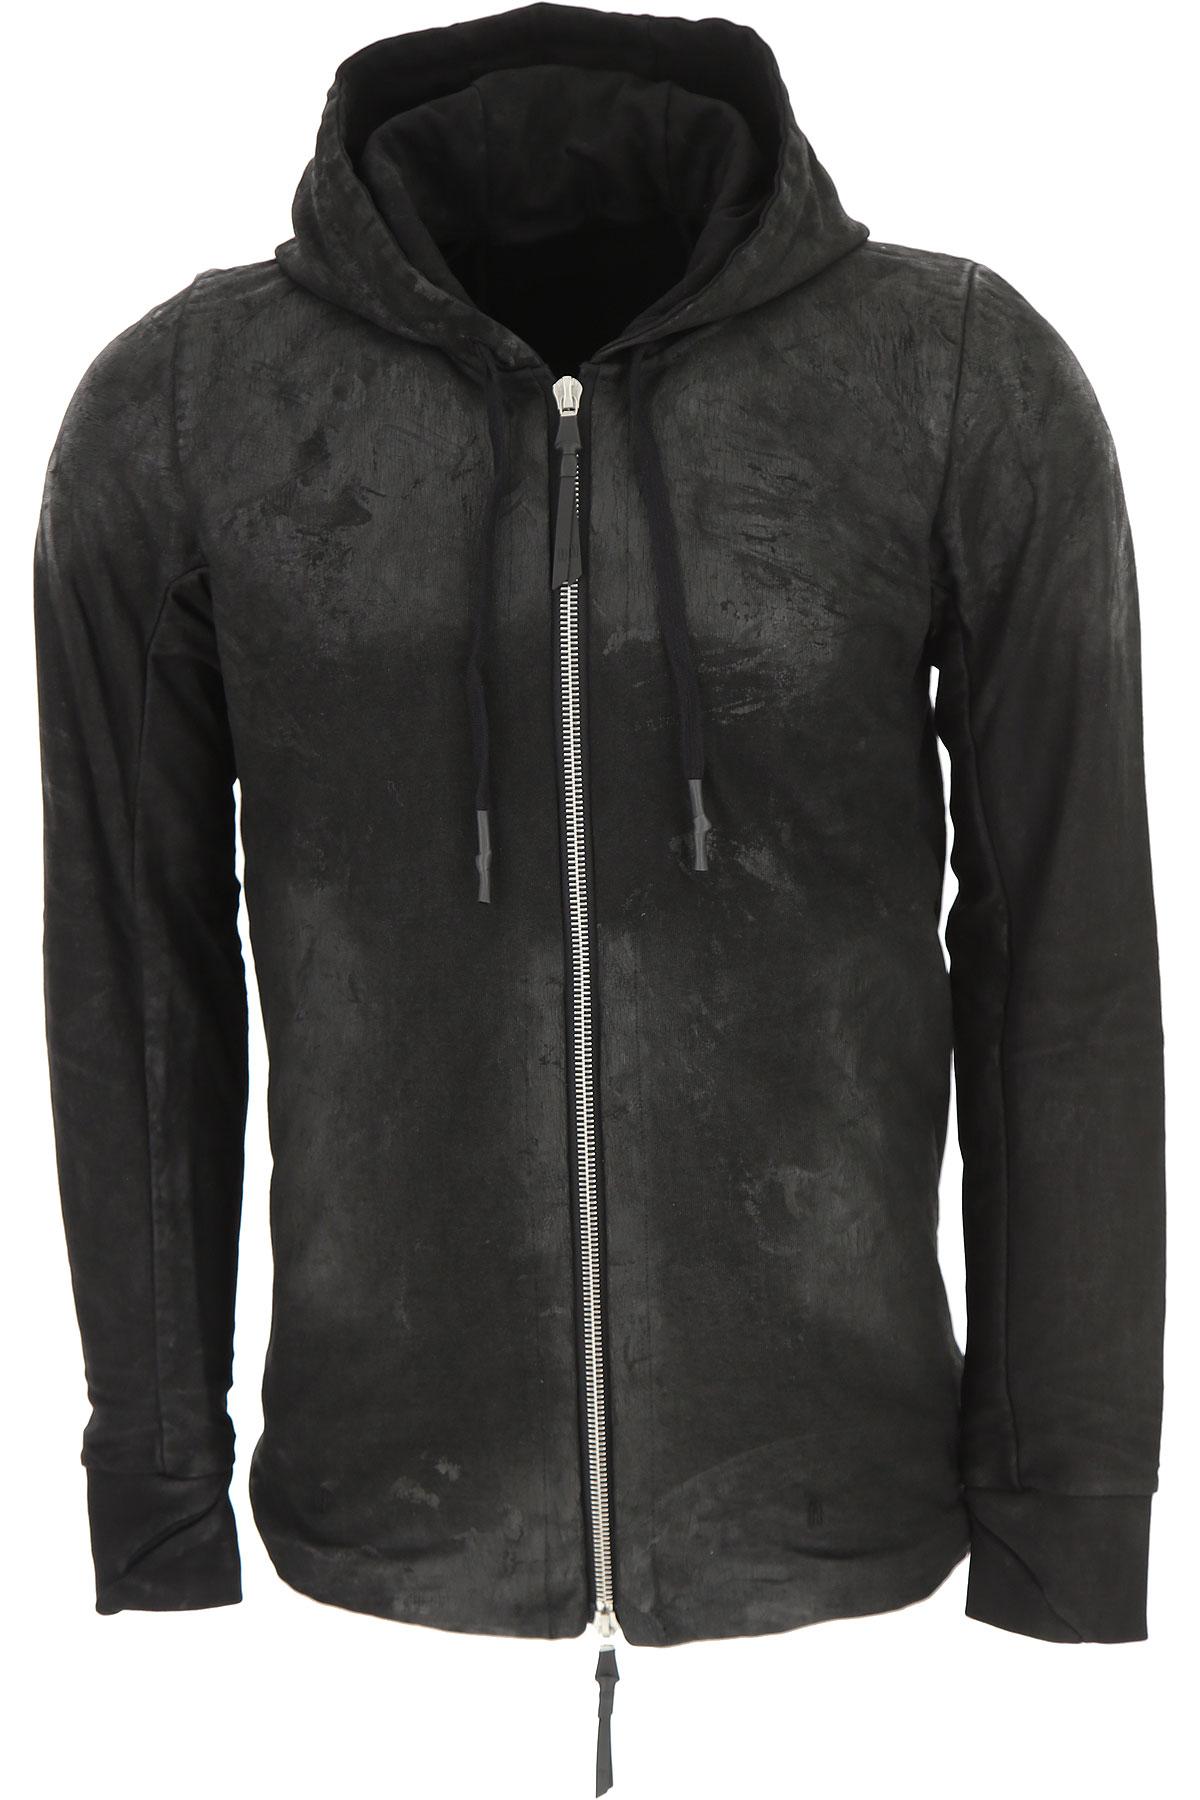 023c Sweat Homme Pas cher en Soldes, Noir, Coton, 2017, L M S XL